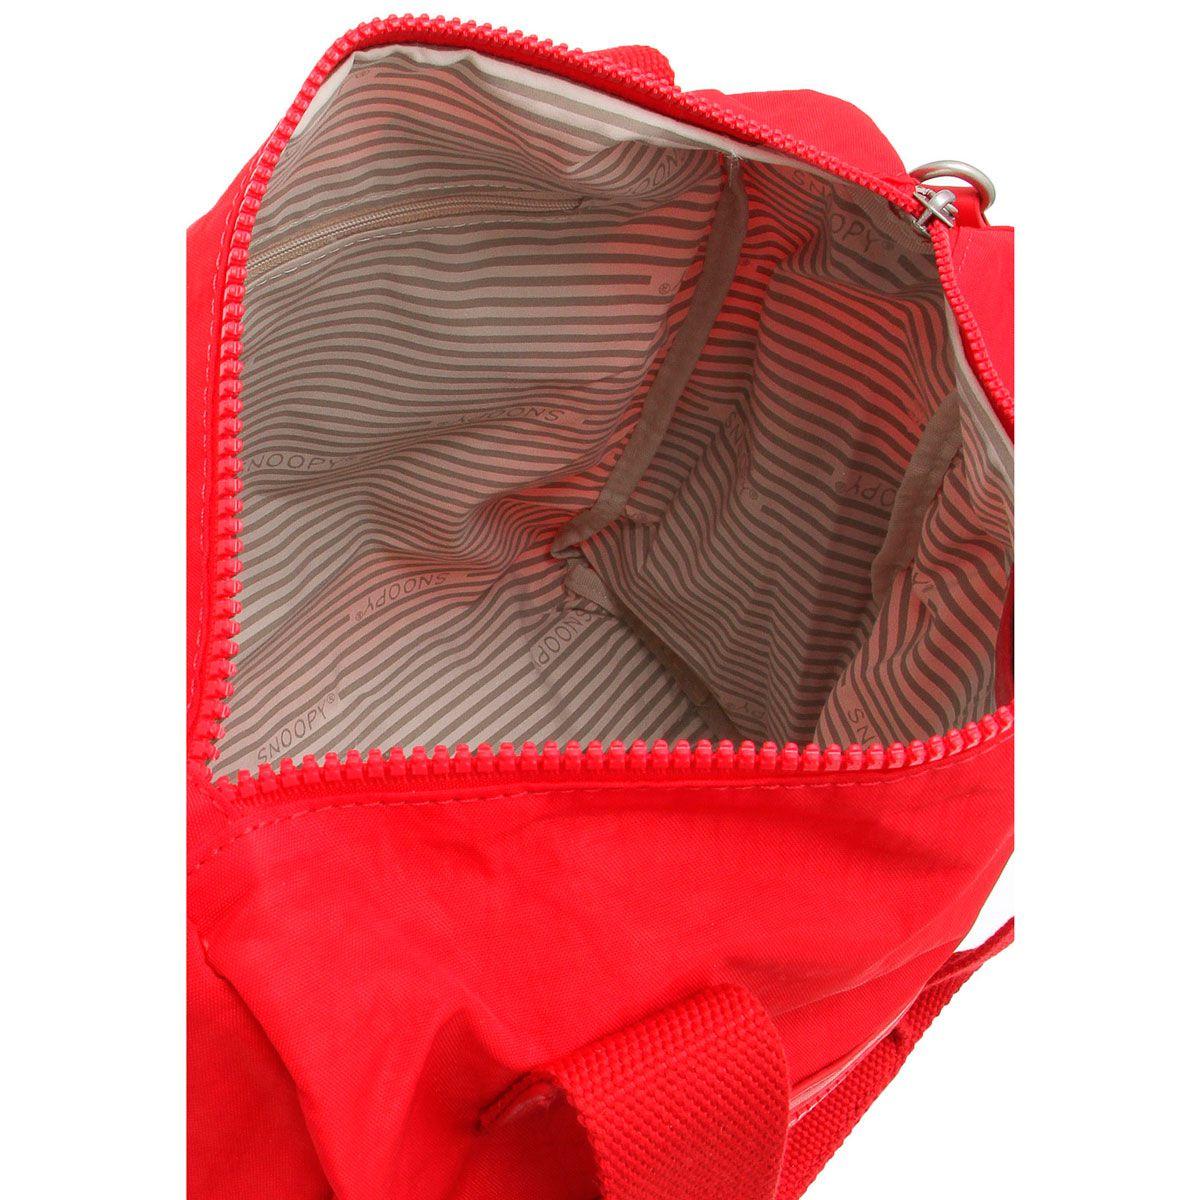 ffe8d015c BOLSA DE OMBRO SNOOPY BE SPORT - SP3803 - Classe Bag